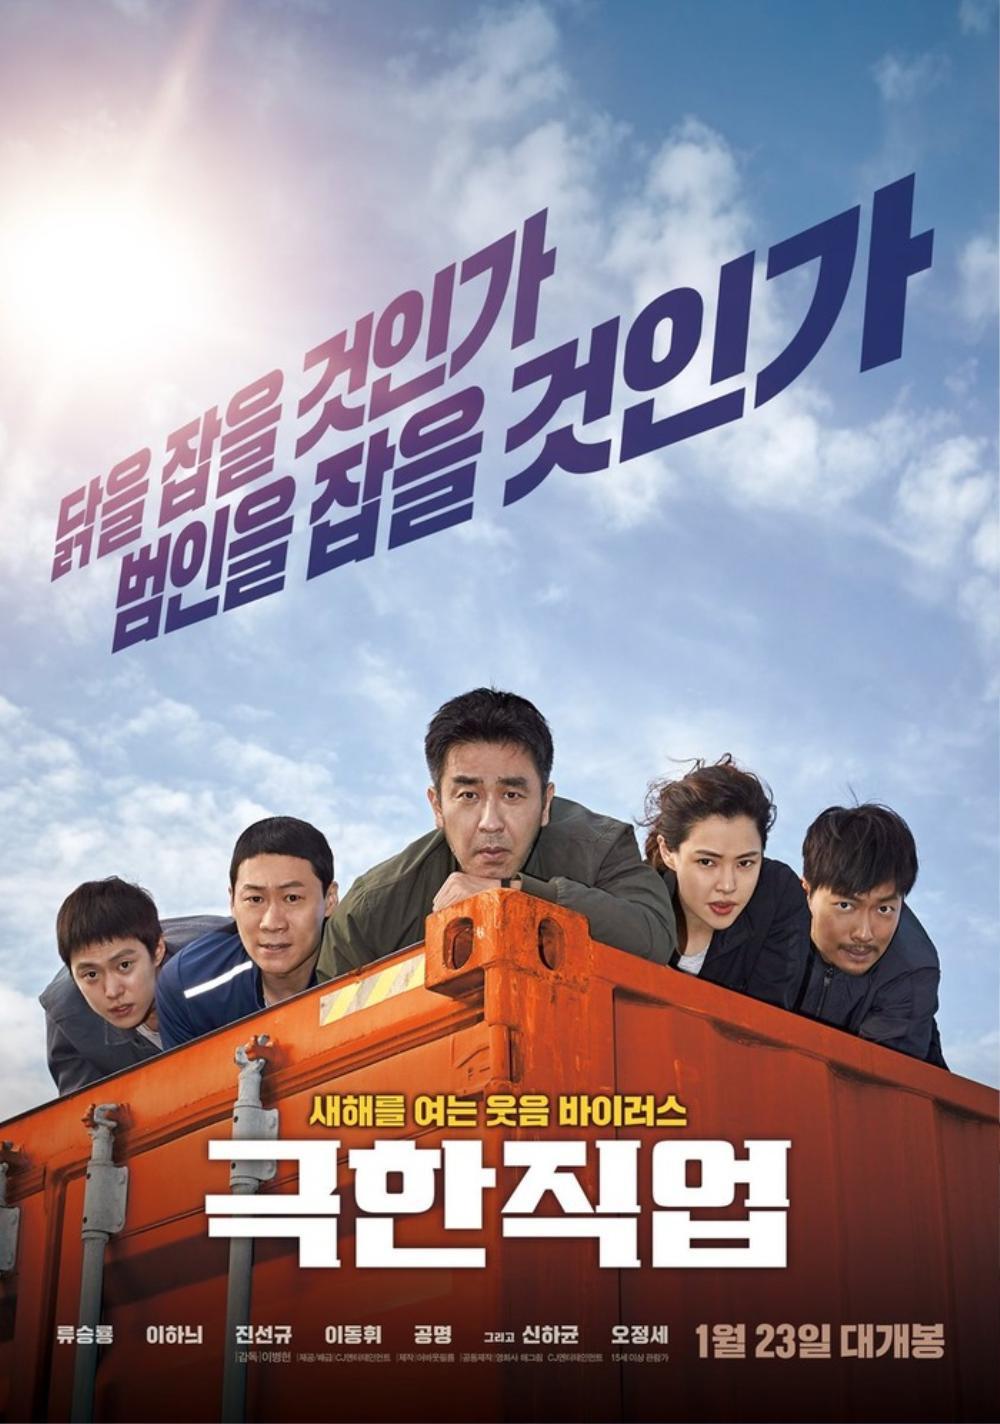 Phim của Park Seo Joon và IU ngừng quay vì Covid-19 lây lan trong các nghệ sĩ Kbiz Ảnh 8